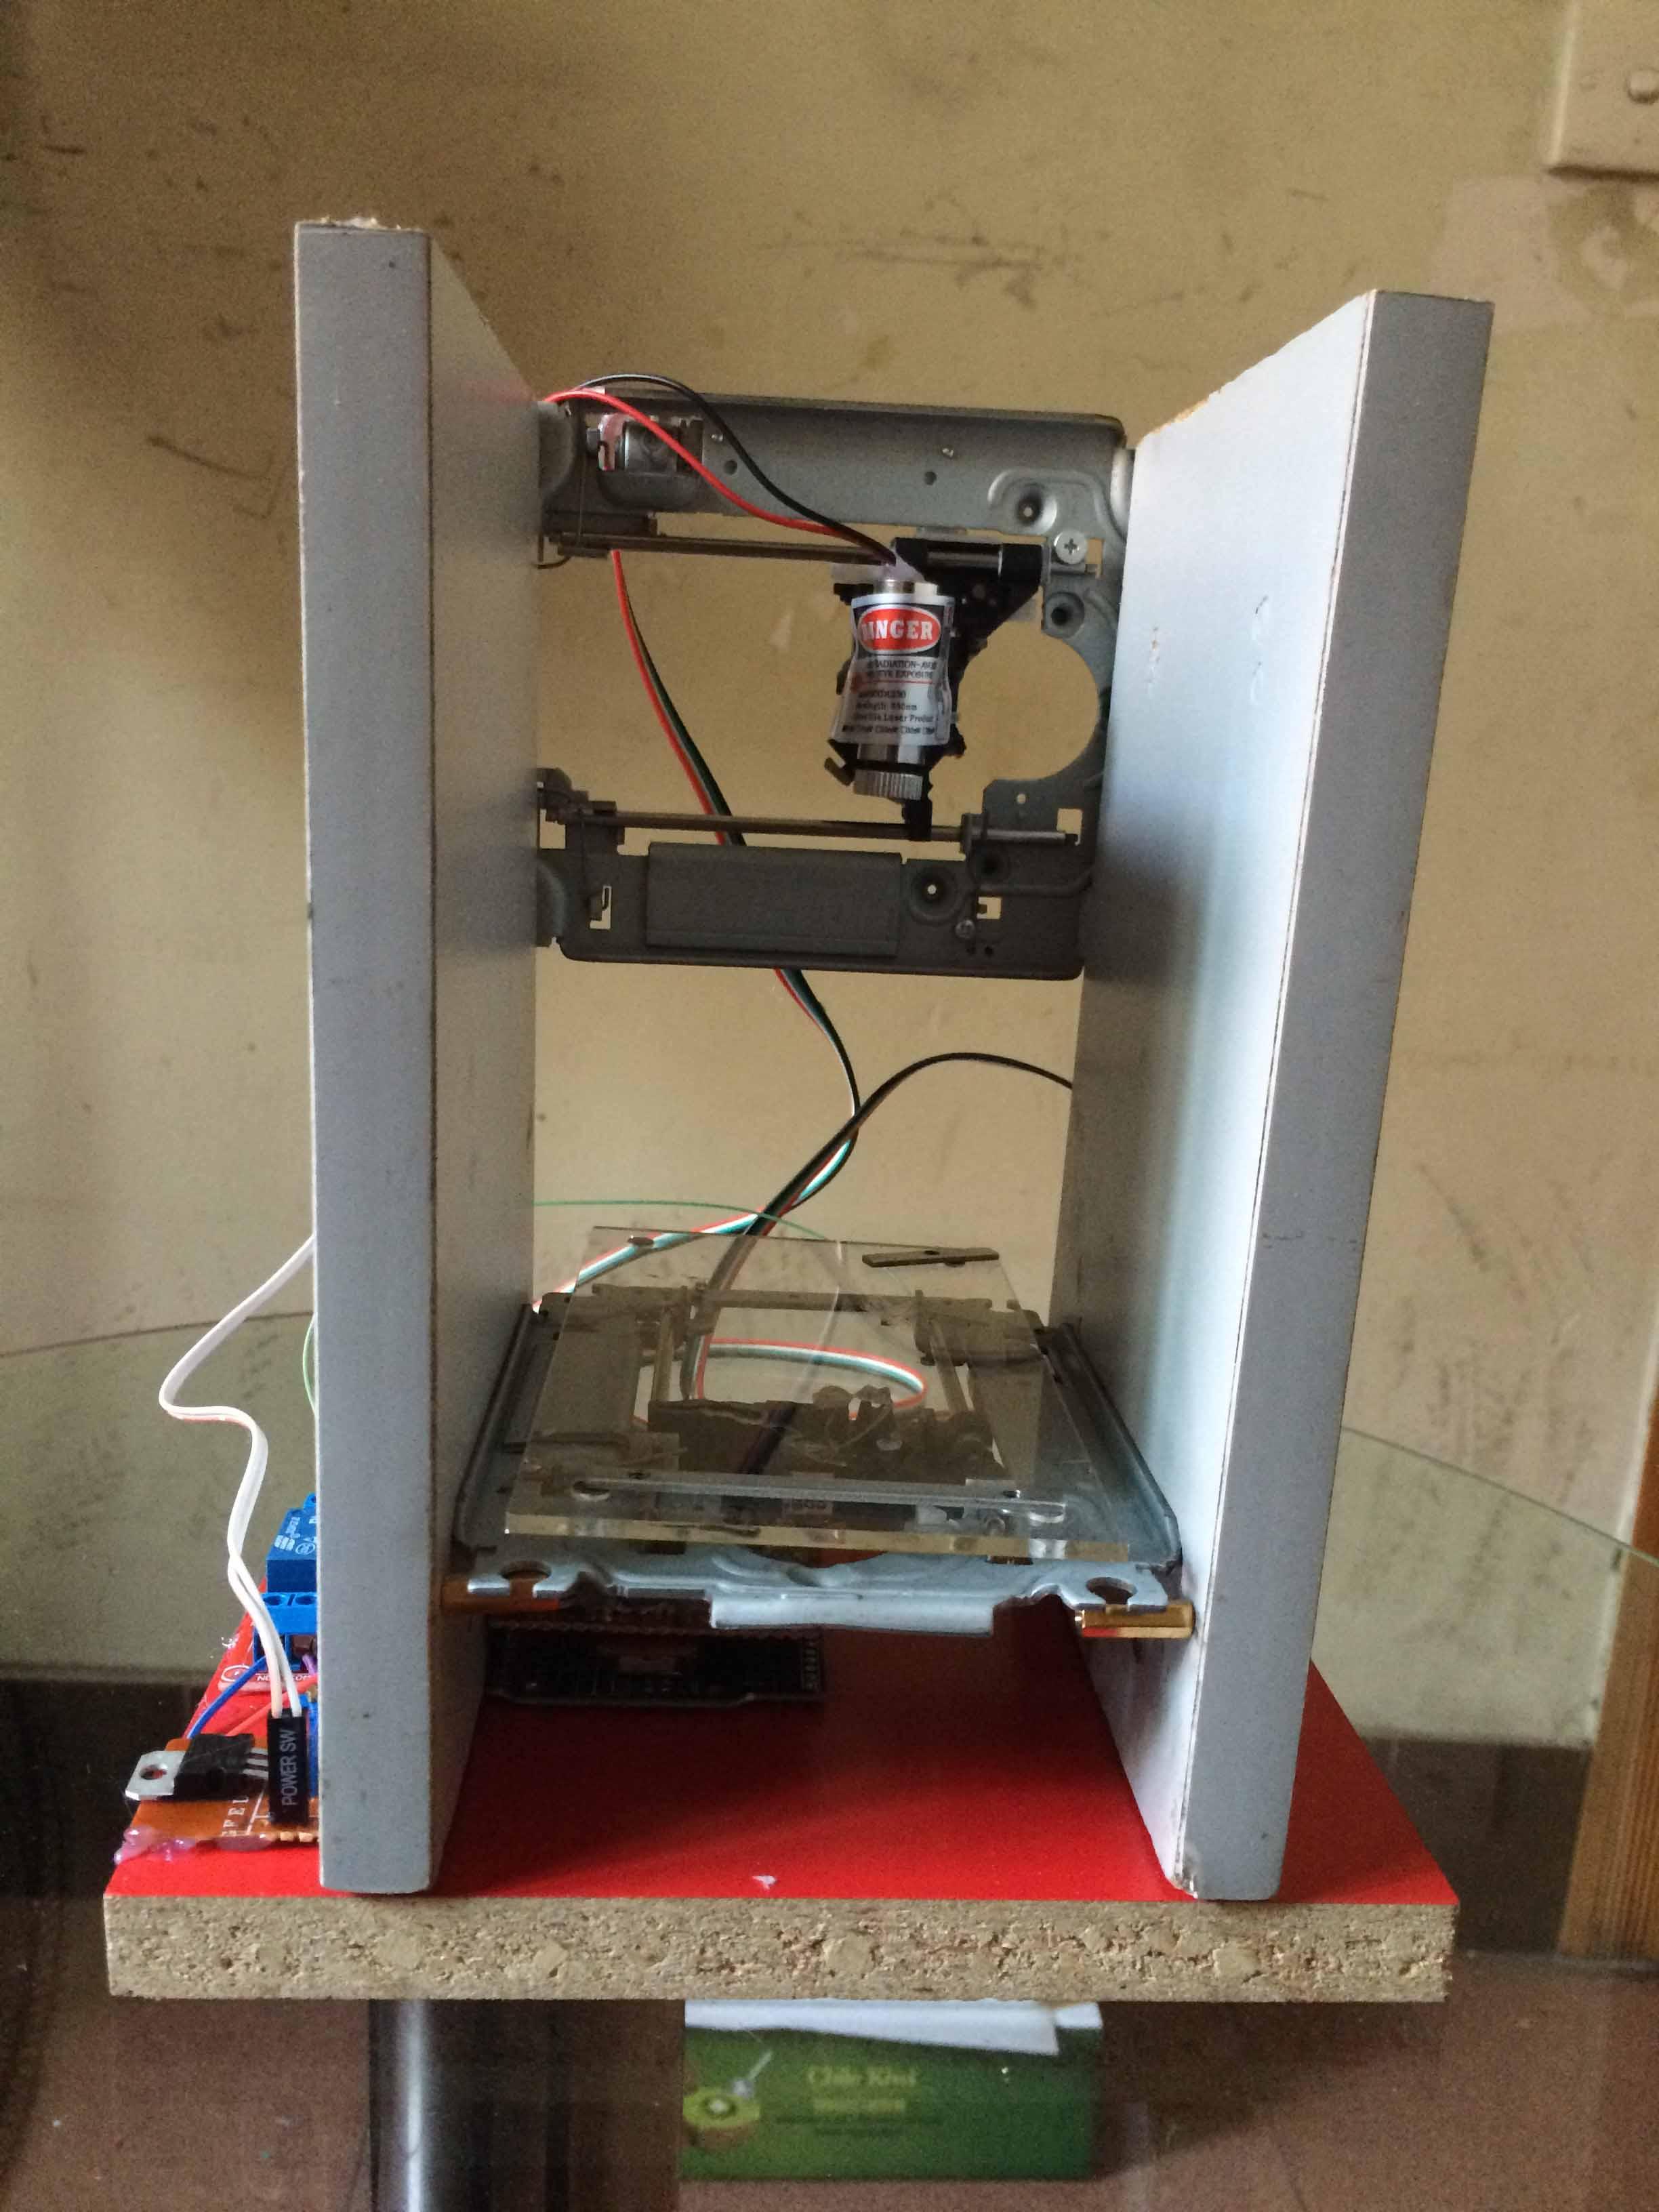 【雕刻机】基于arduino光驱雕刻机!